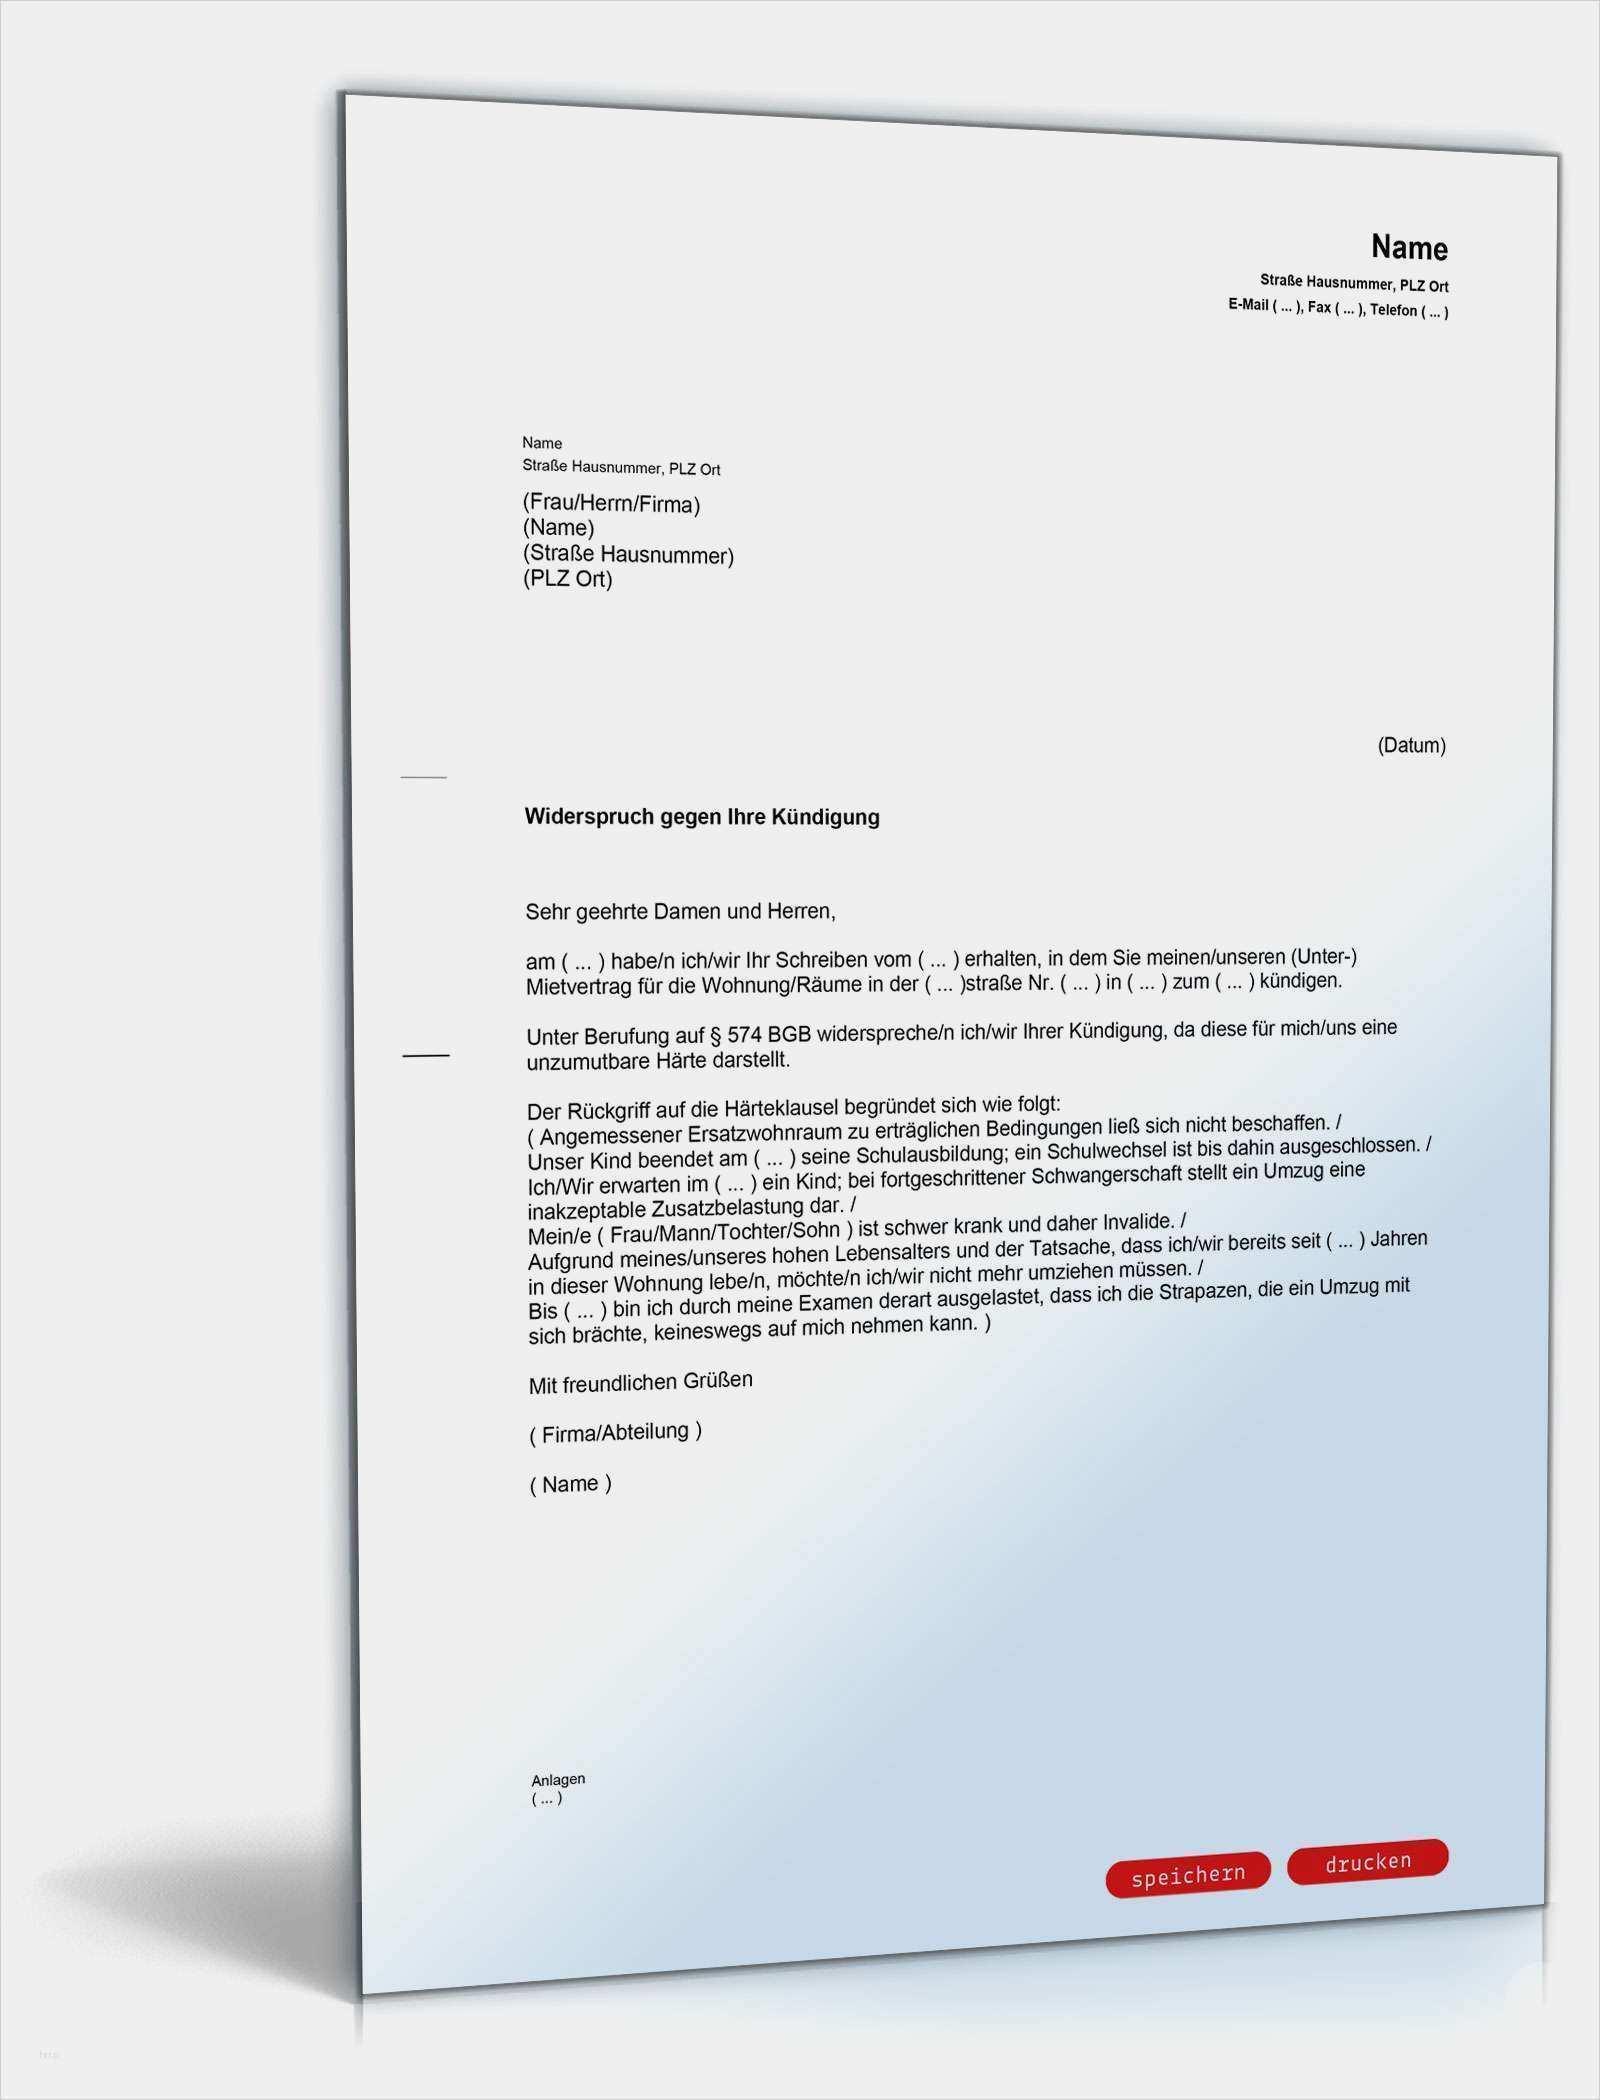 33 Angenehm Kundigung Wohnung Wegen Eigenbedarf Vorlage Vorrate Vorlagen Word Vorlagen Vorlagen Lebenslauf